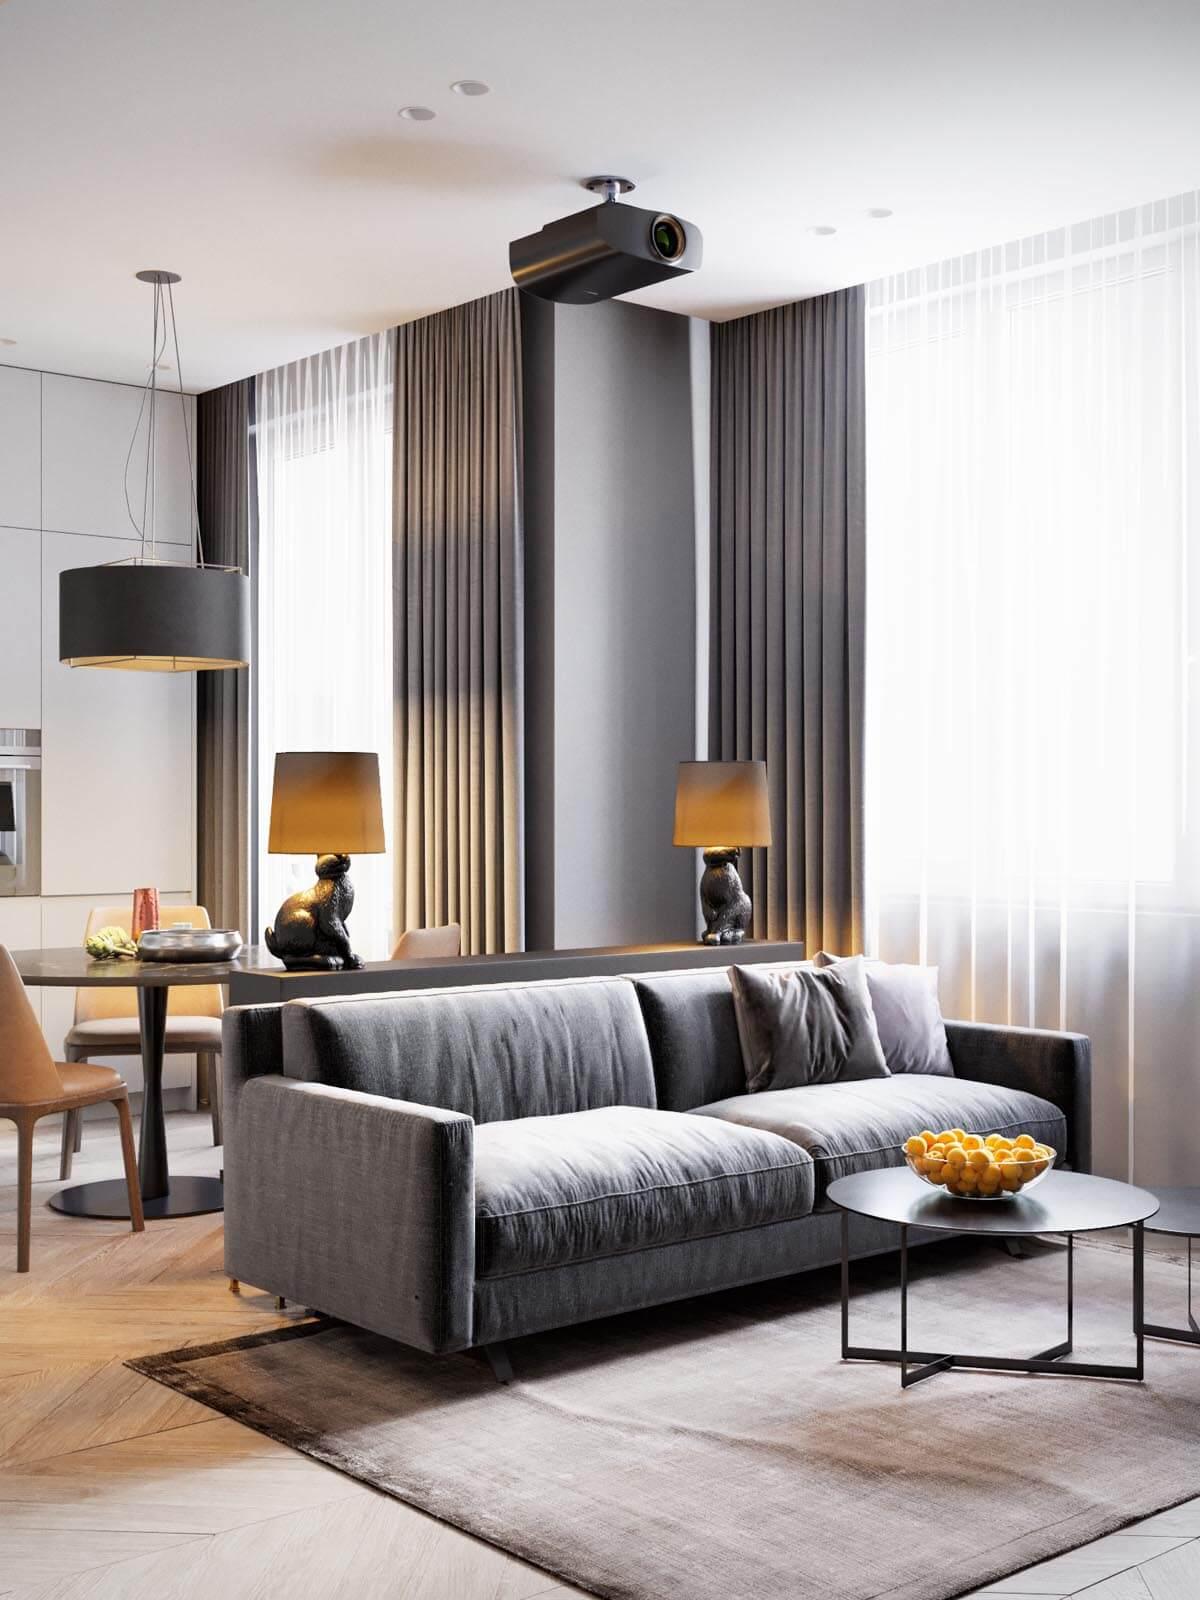 Mẫu thiết kế căn hộ chung cư 50m2 hiện đại 2